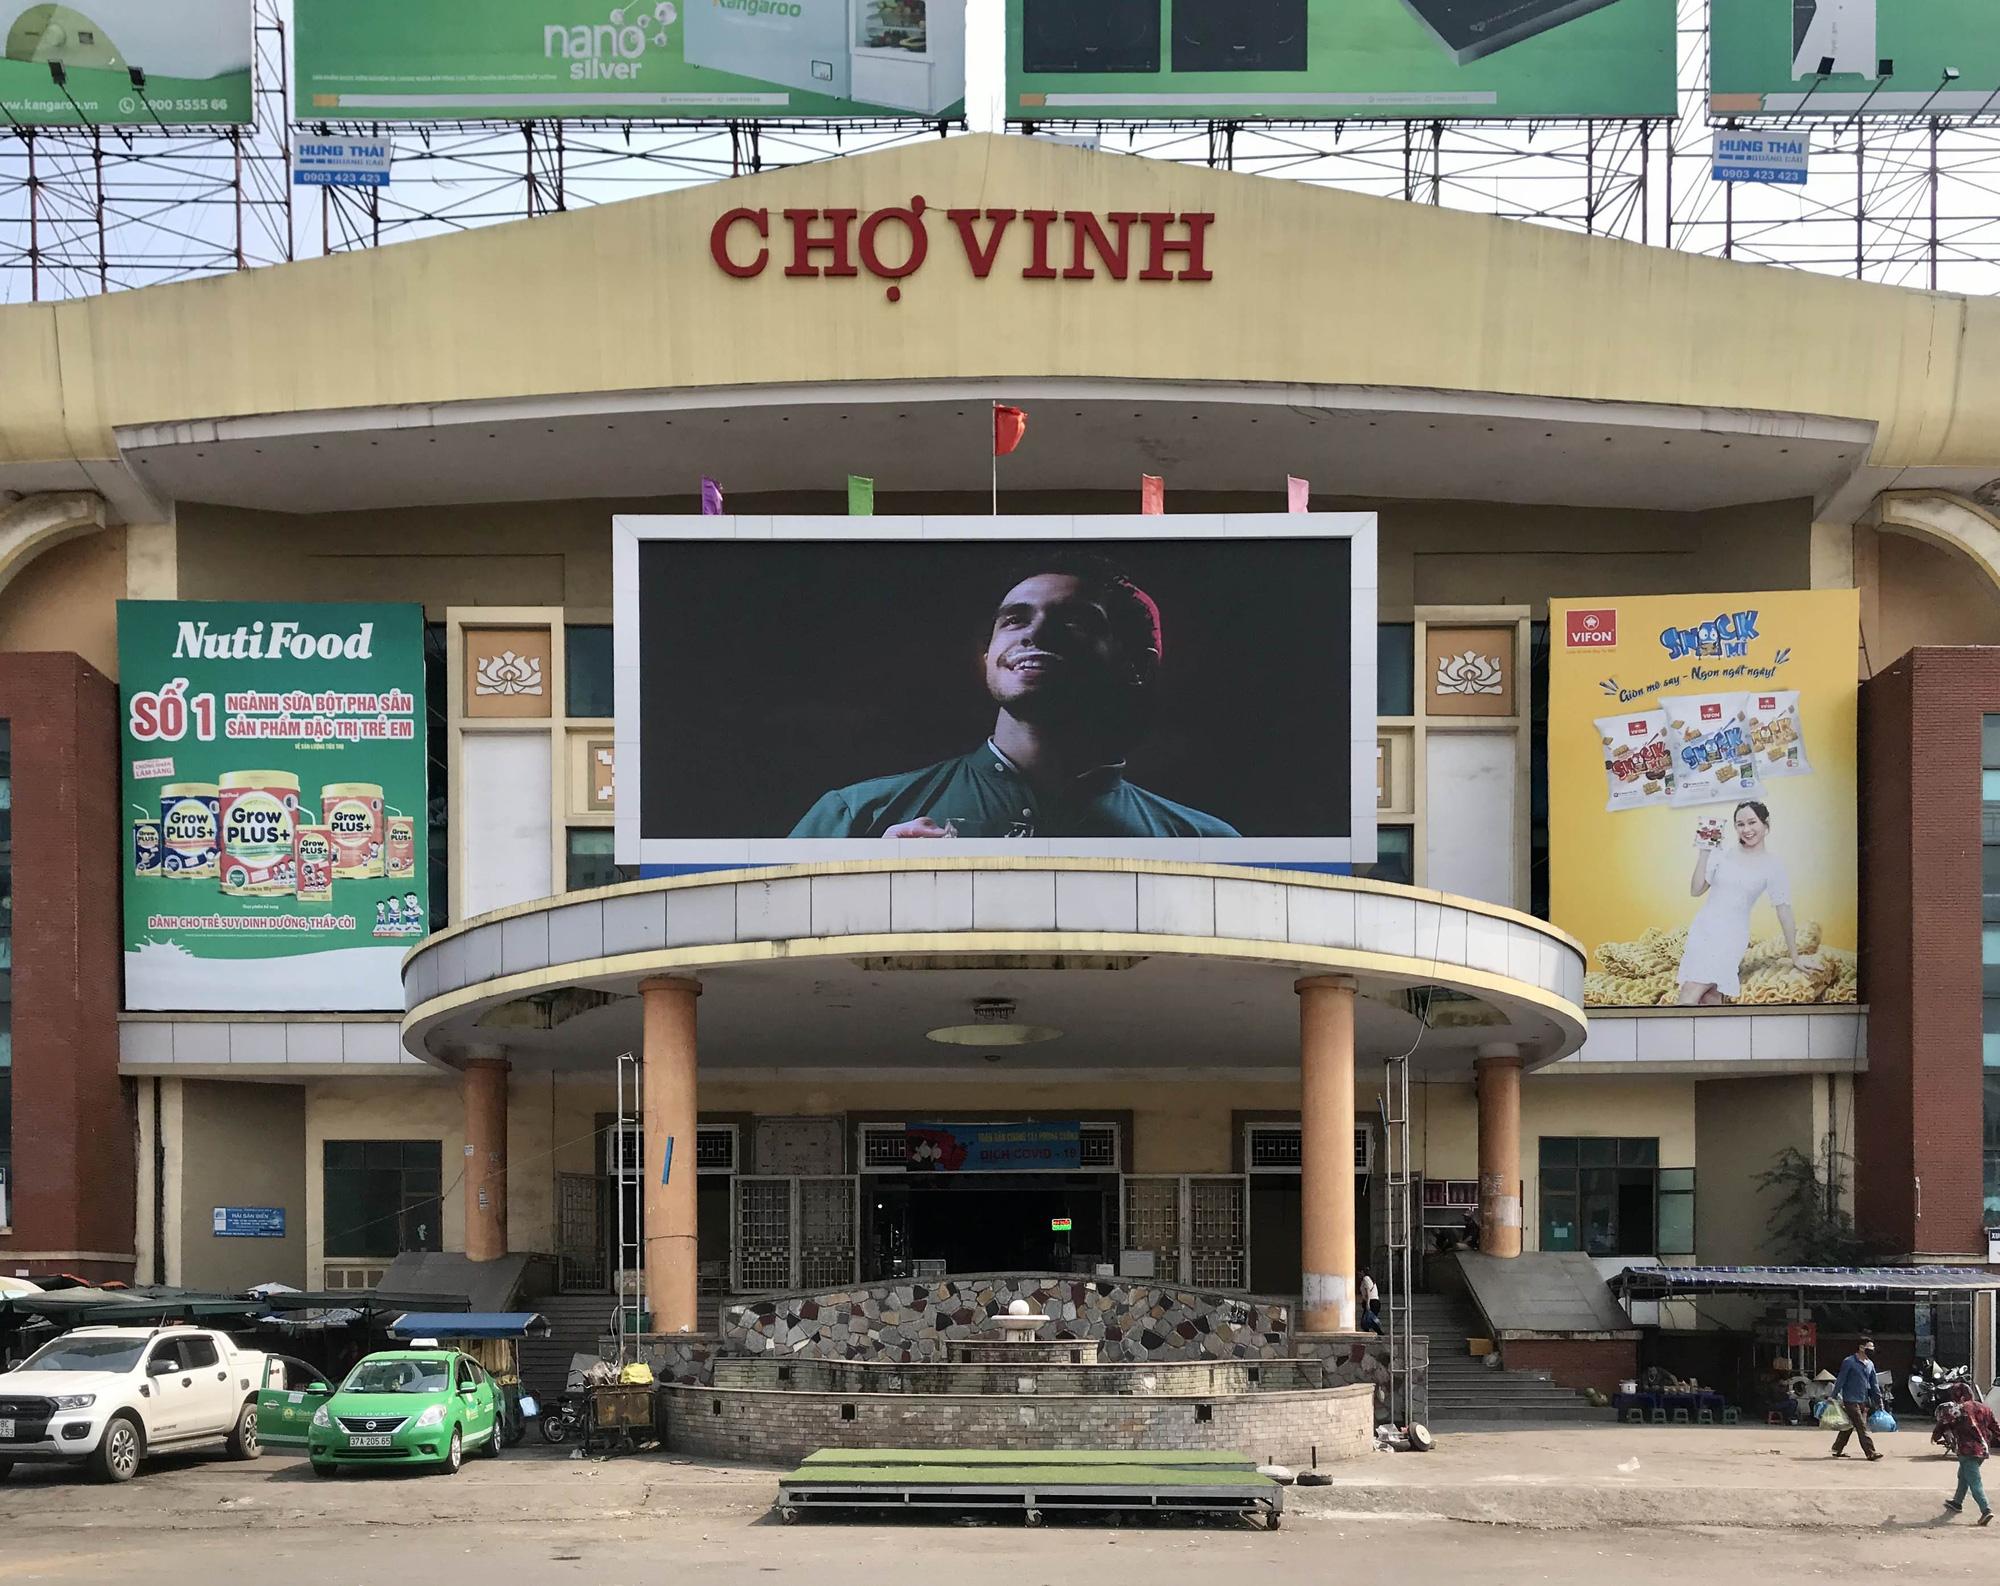 Dịch Covid-19 tại Nghệ An: Tiểu thương chợ Vinh ế ẩm, các cơ sở kinh doanh dịch vụ, giải trí đồng loạt đóng cửa - Ảnh 1.